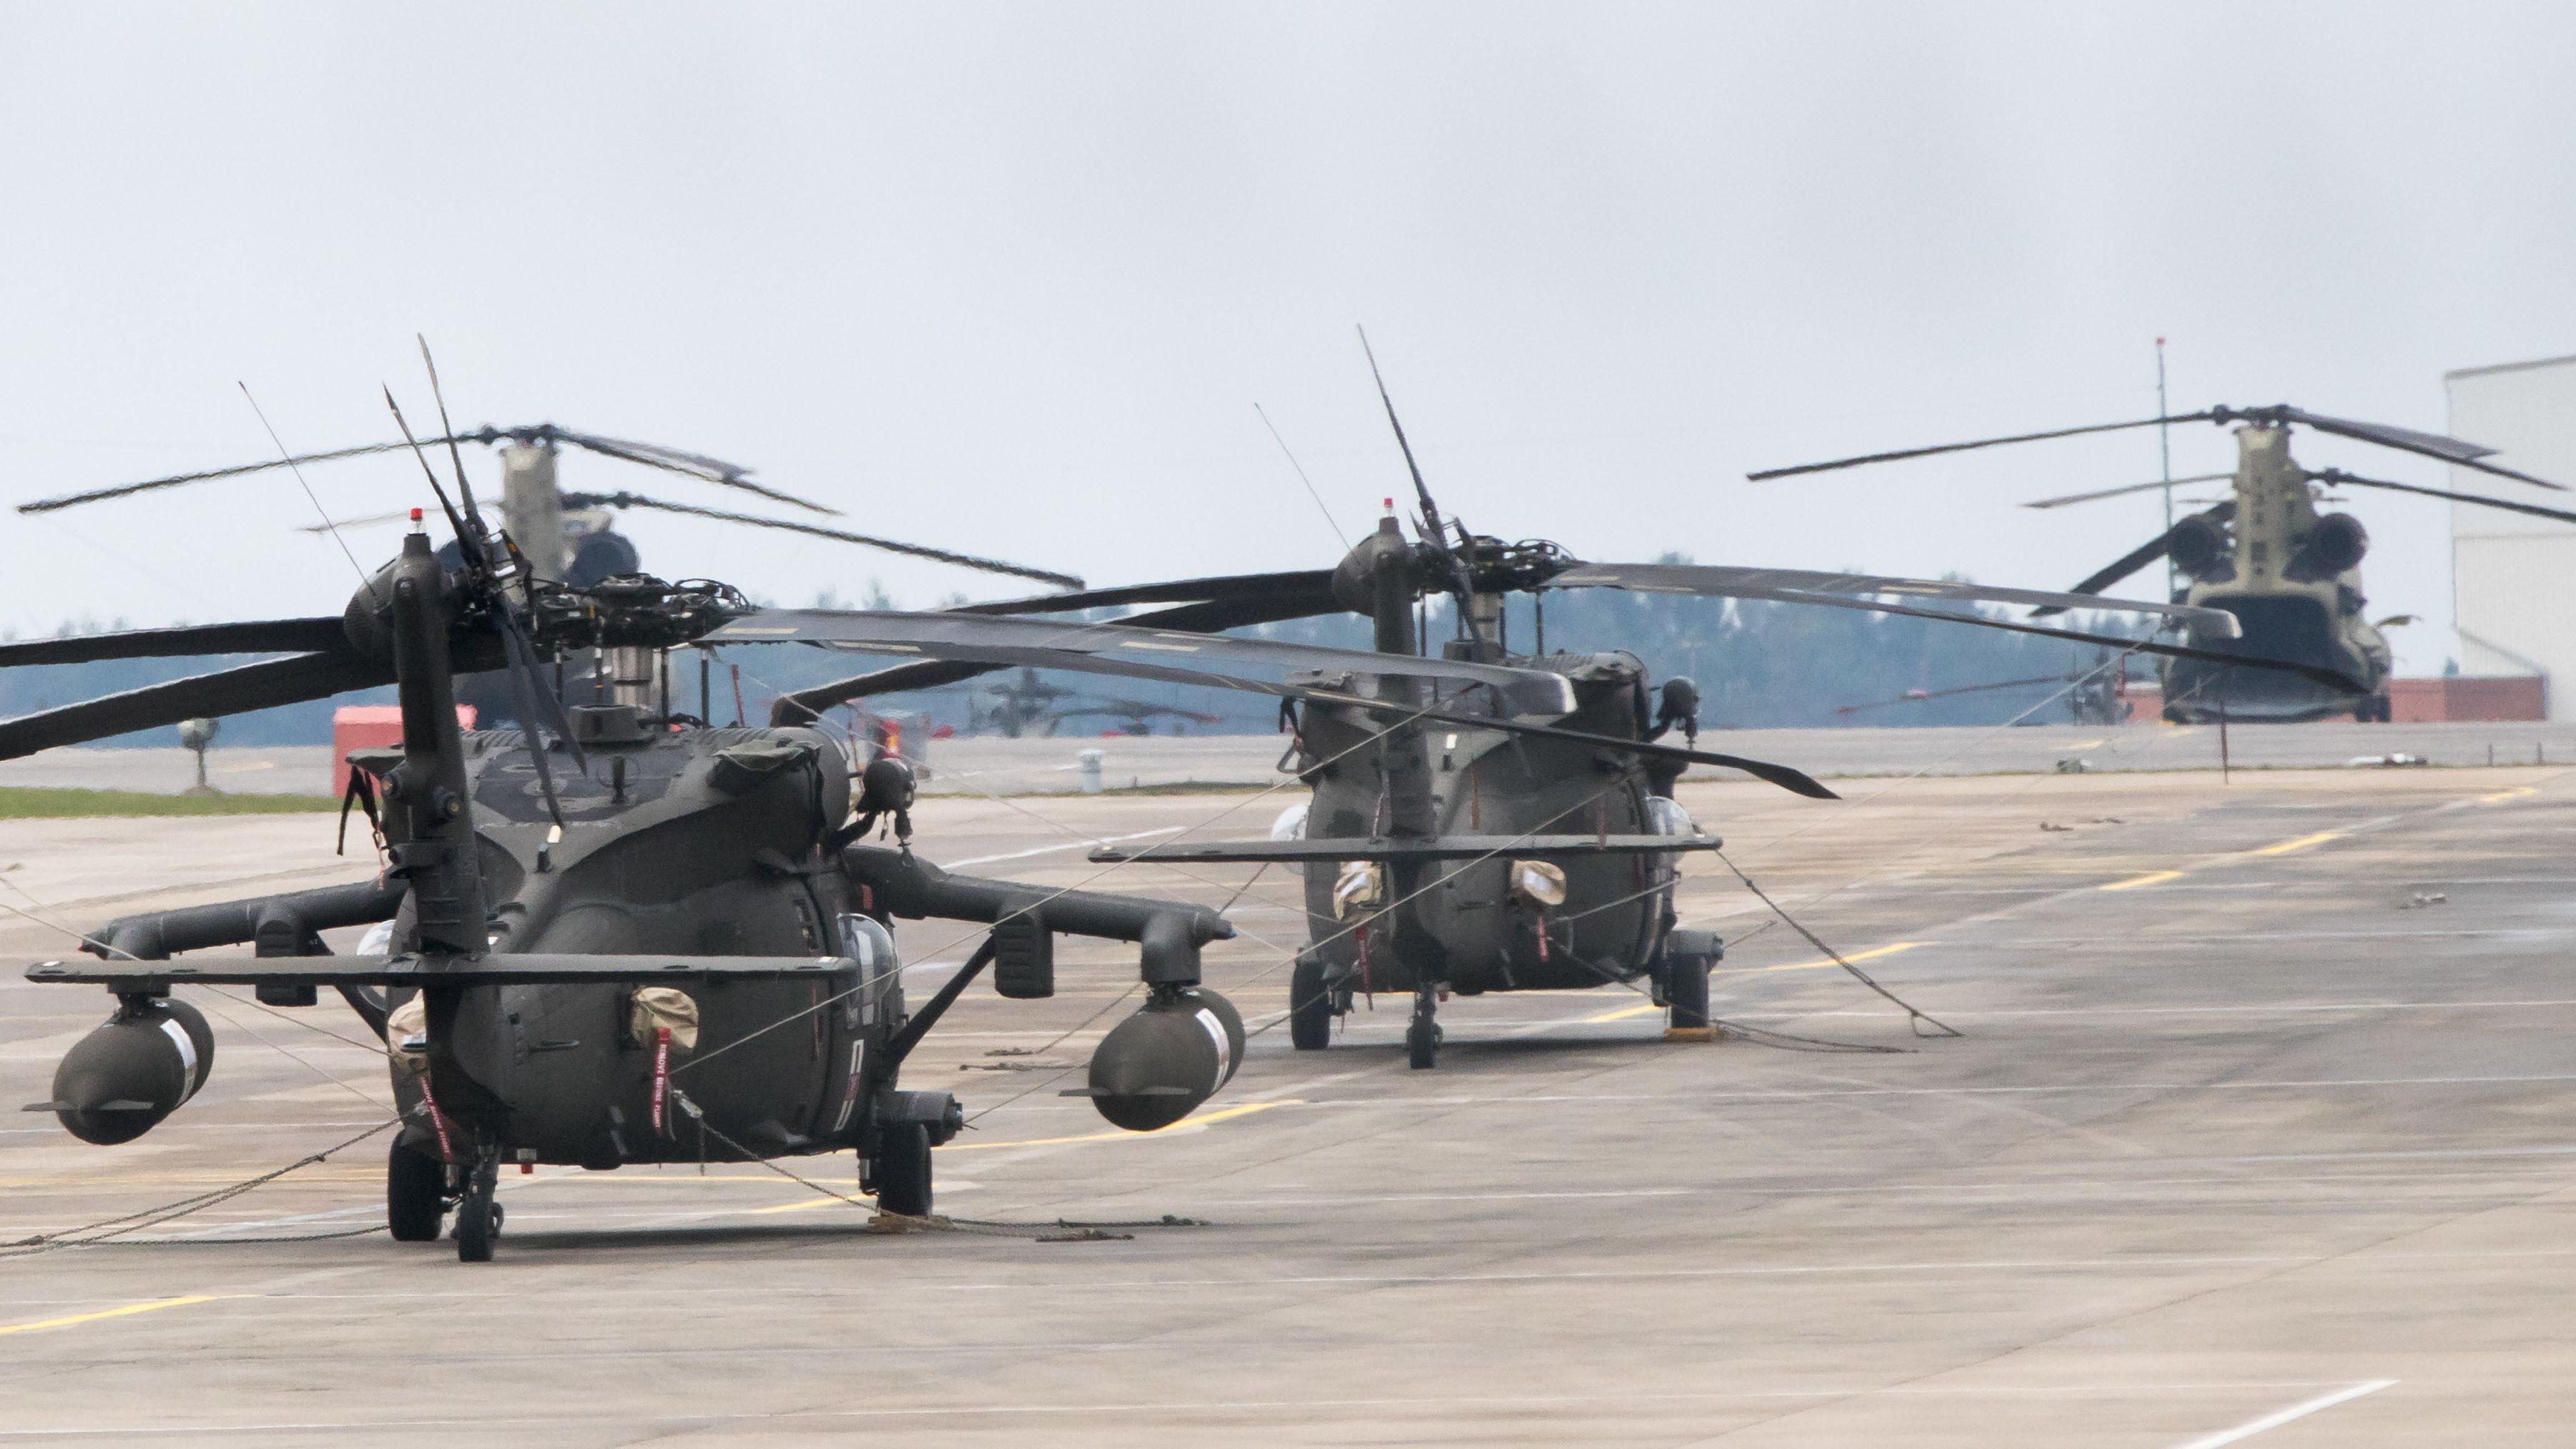 Helikopter der US-Armee stehen auf dem Flugfeld